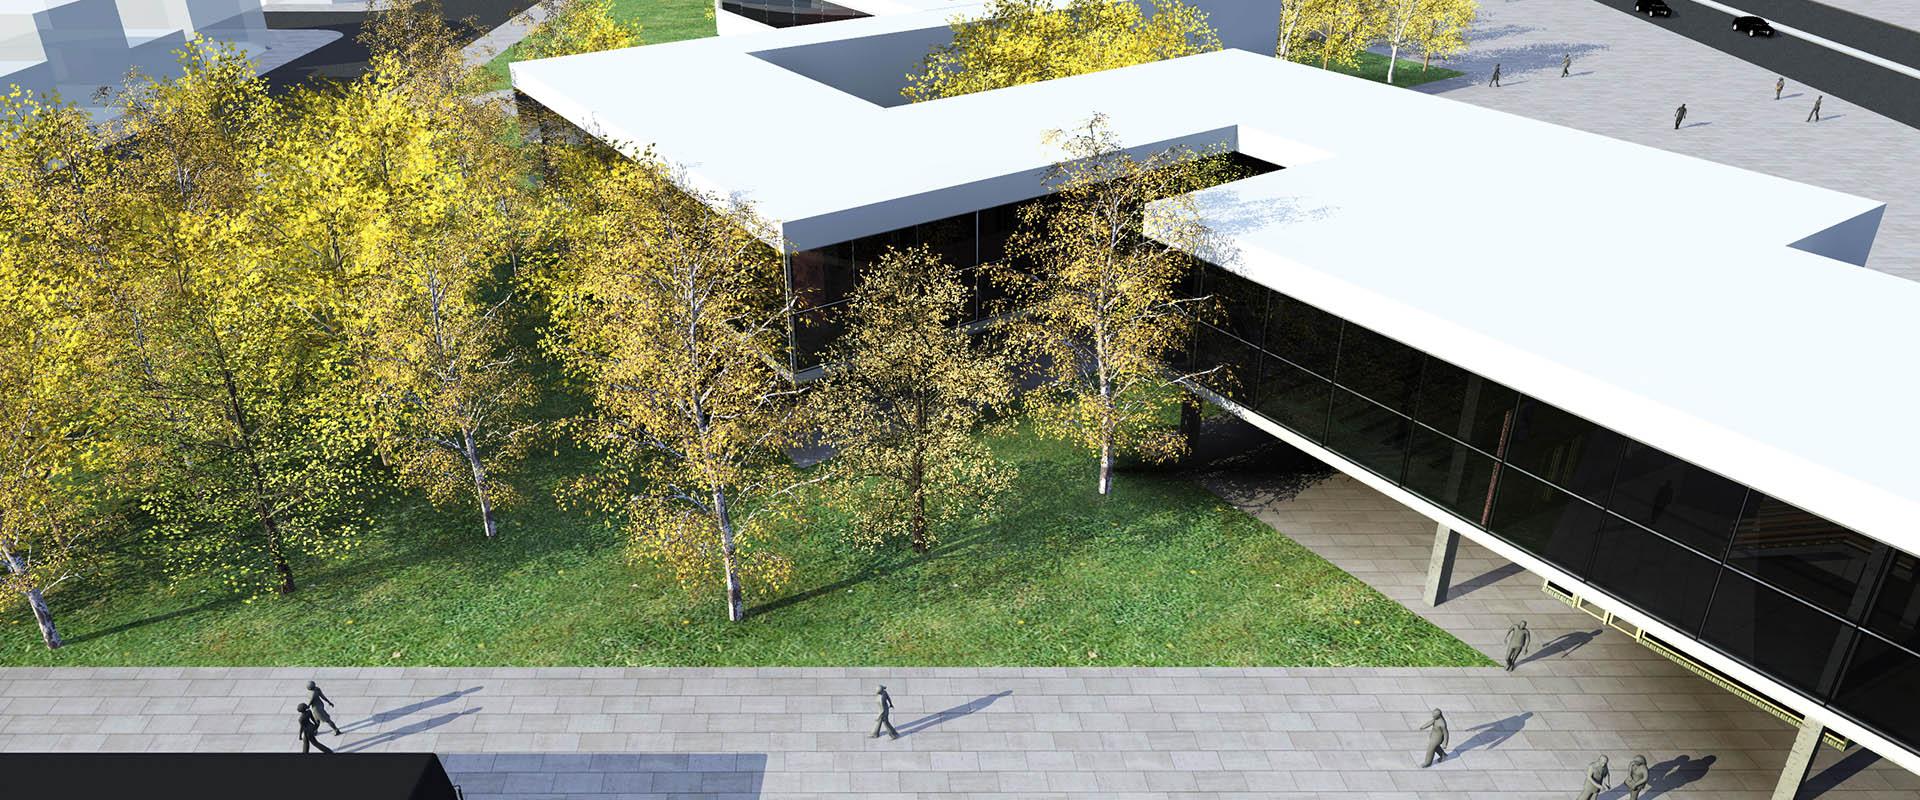 proyecto_pellegrini_estudio_arquitectura_rosario